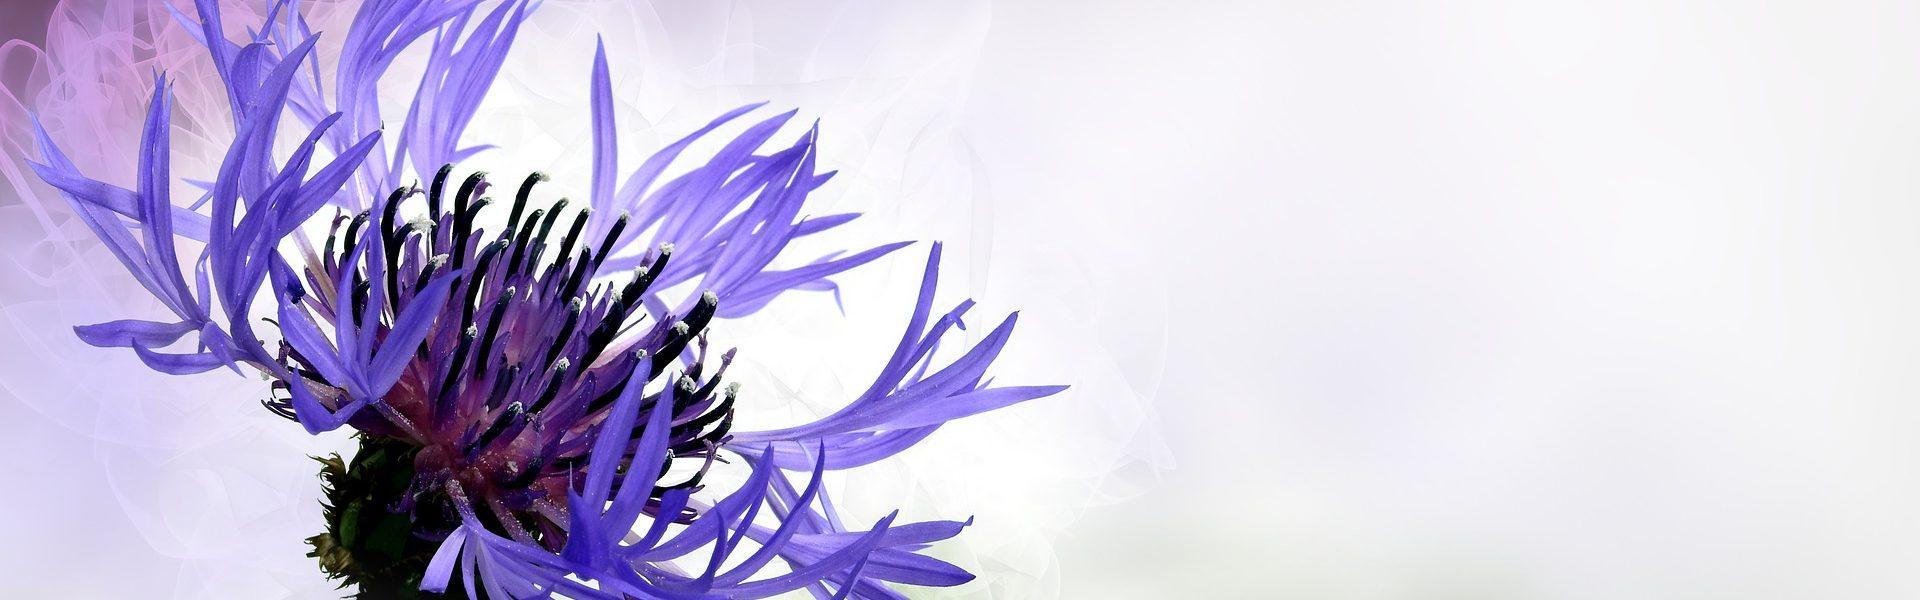 flower-1382493_1920